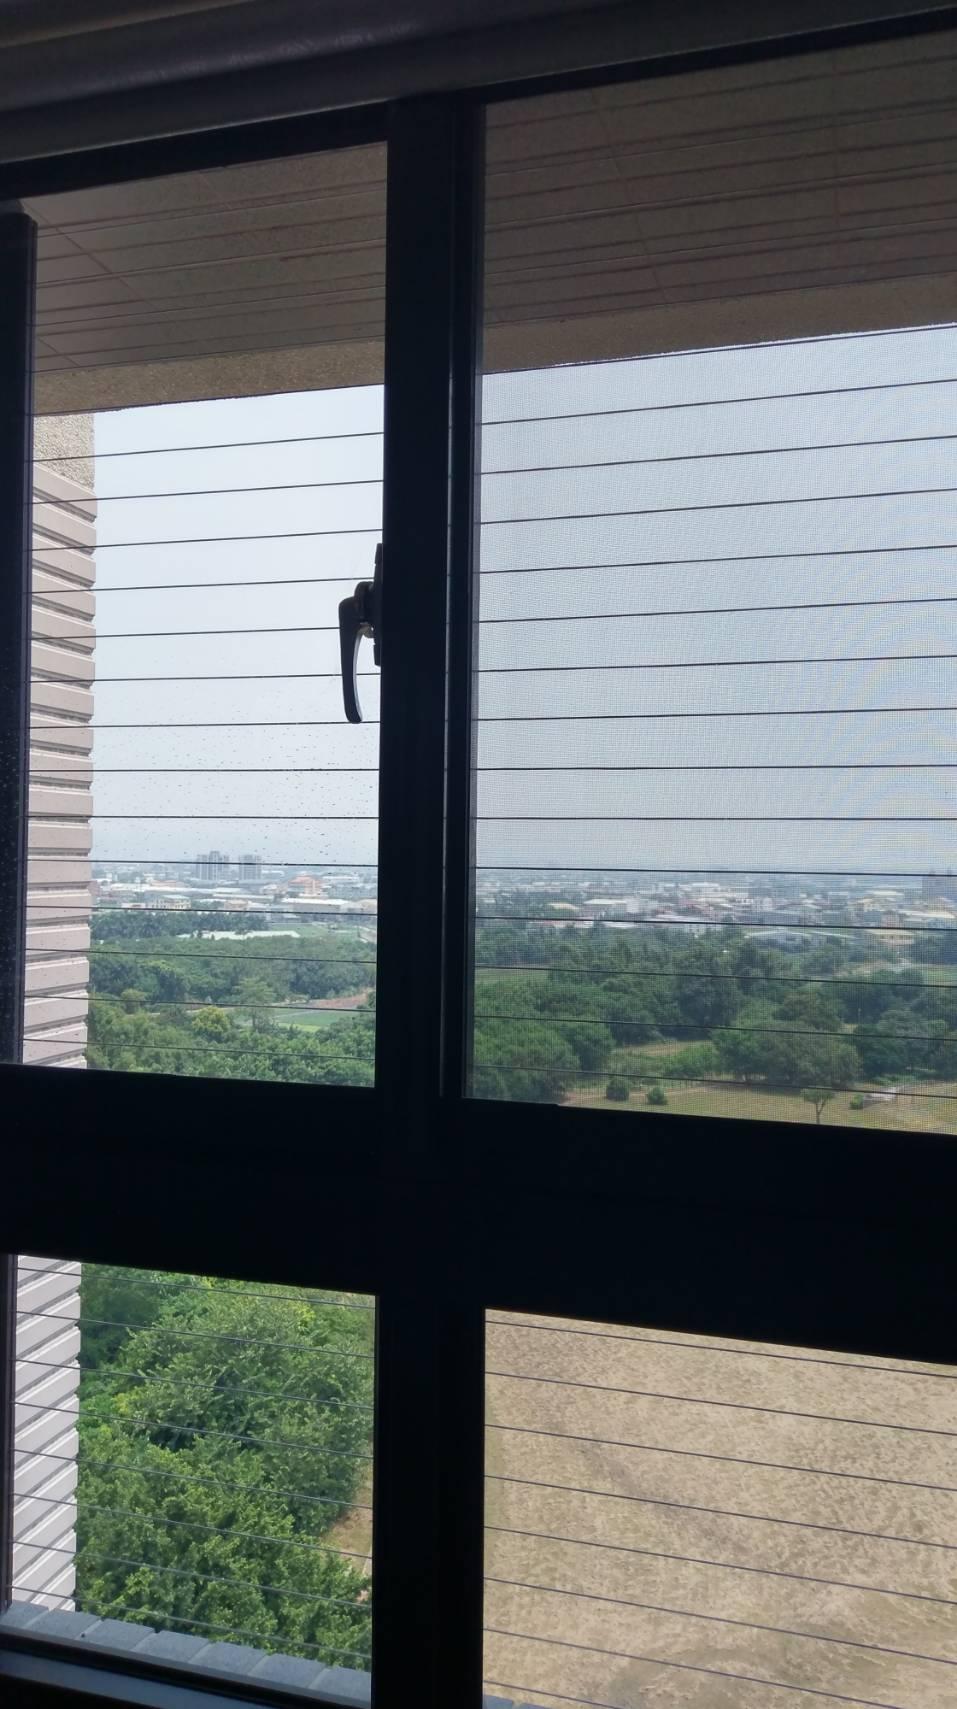 台北市大安區 隱形鐵窗安裝推薦分享